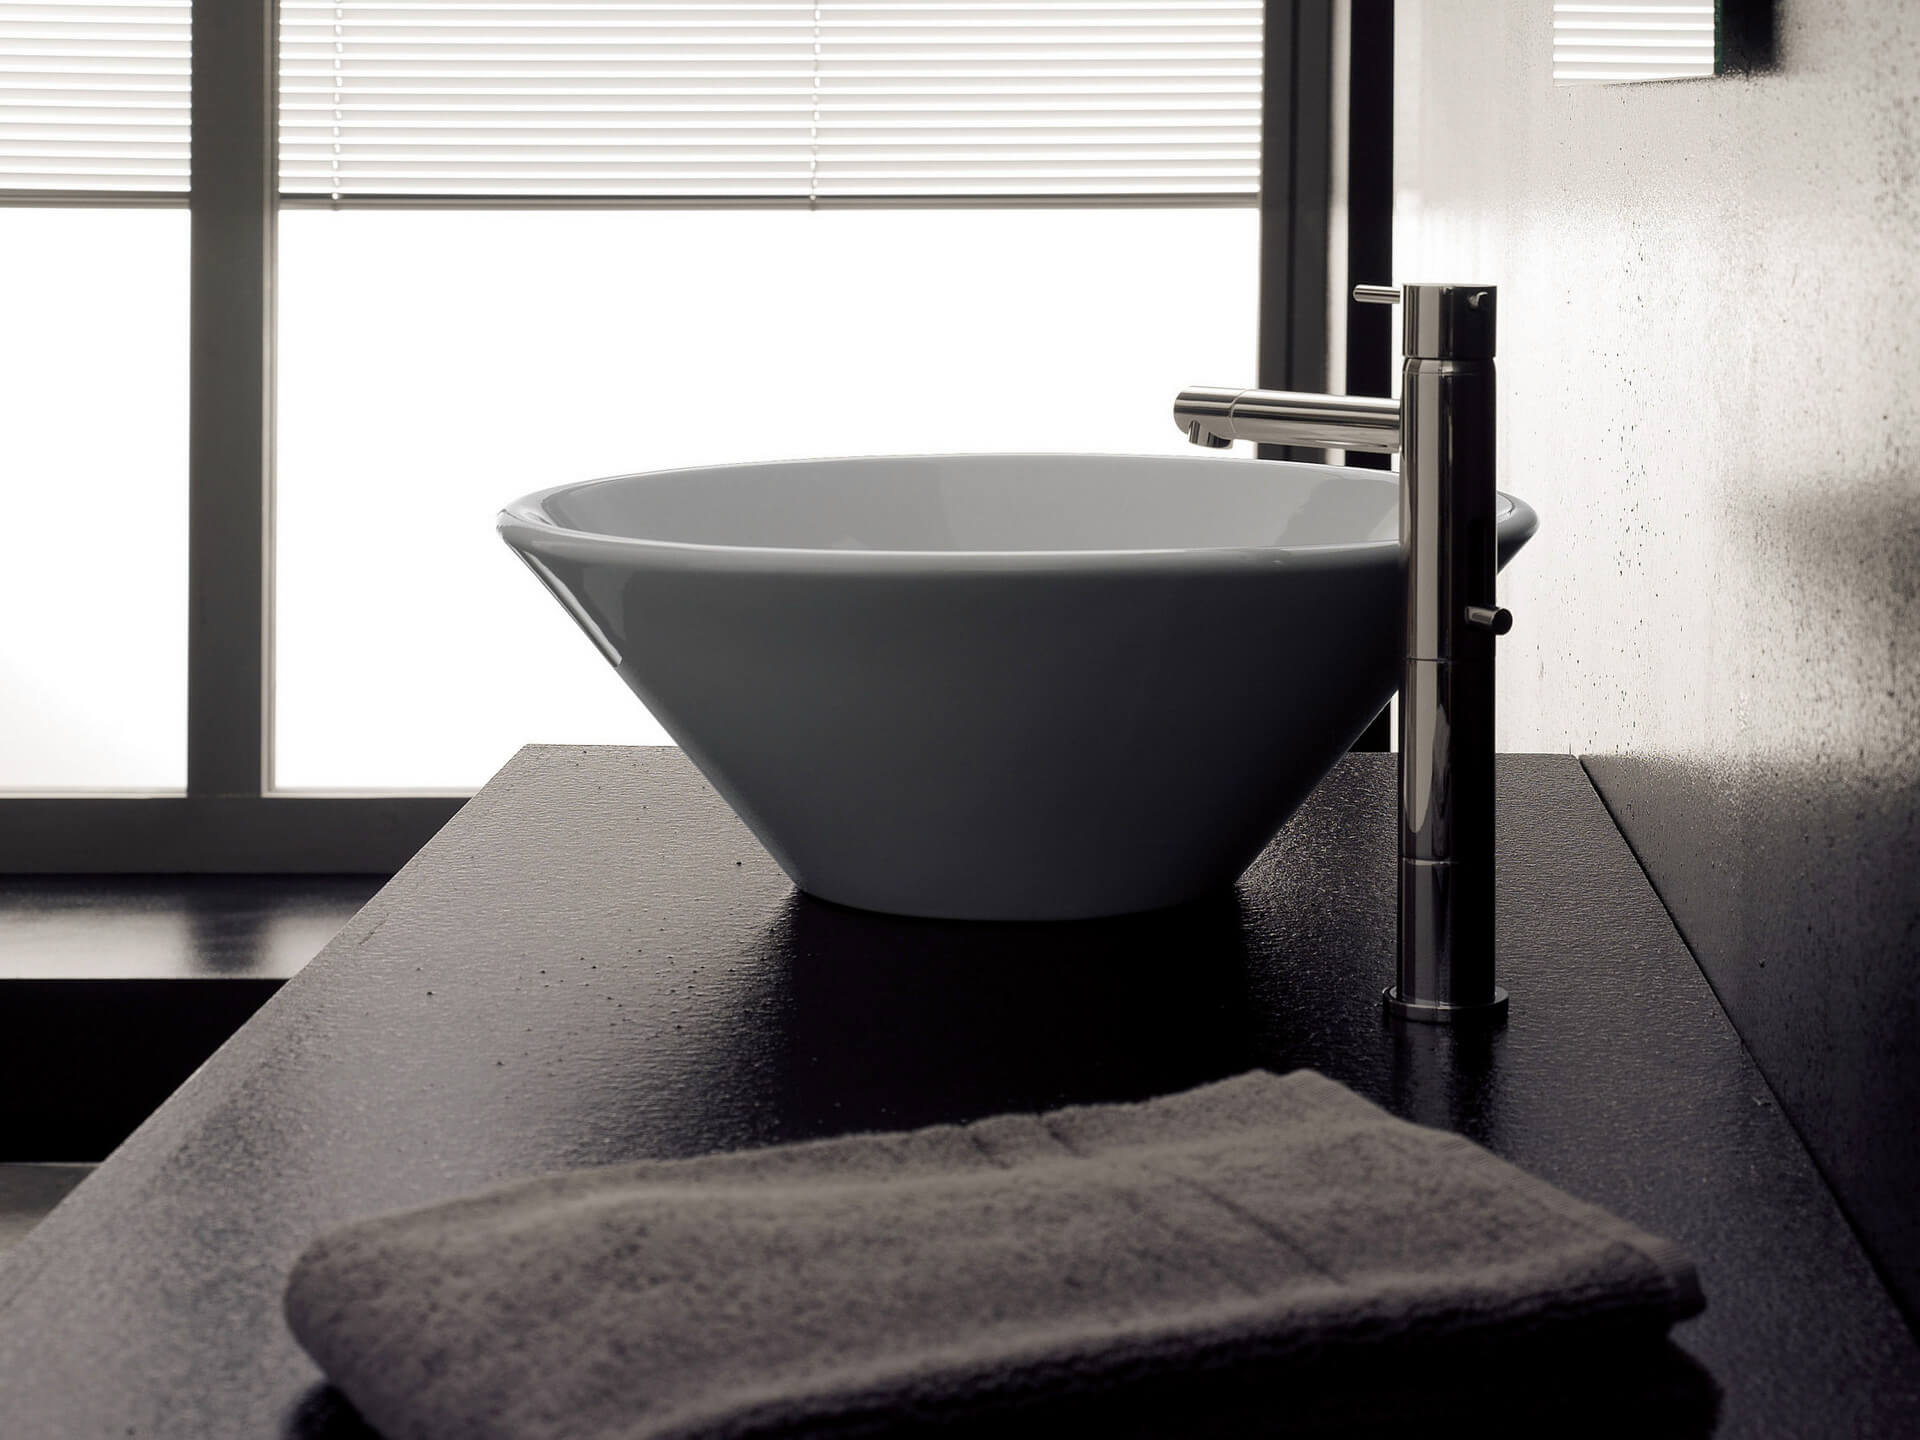 Espace Entre 2 Vasques que choisir entre une vasque et un lavabo pour embellir